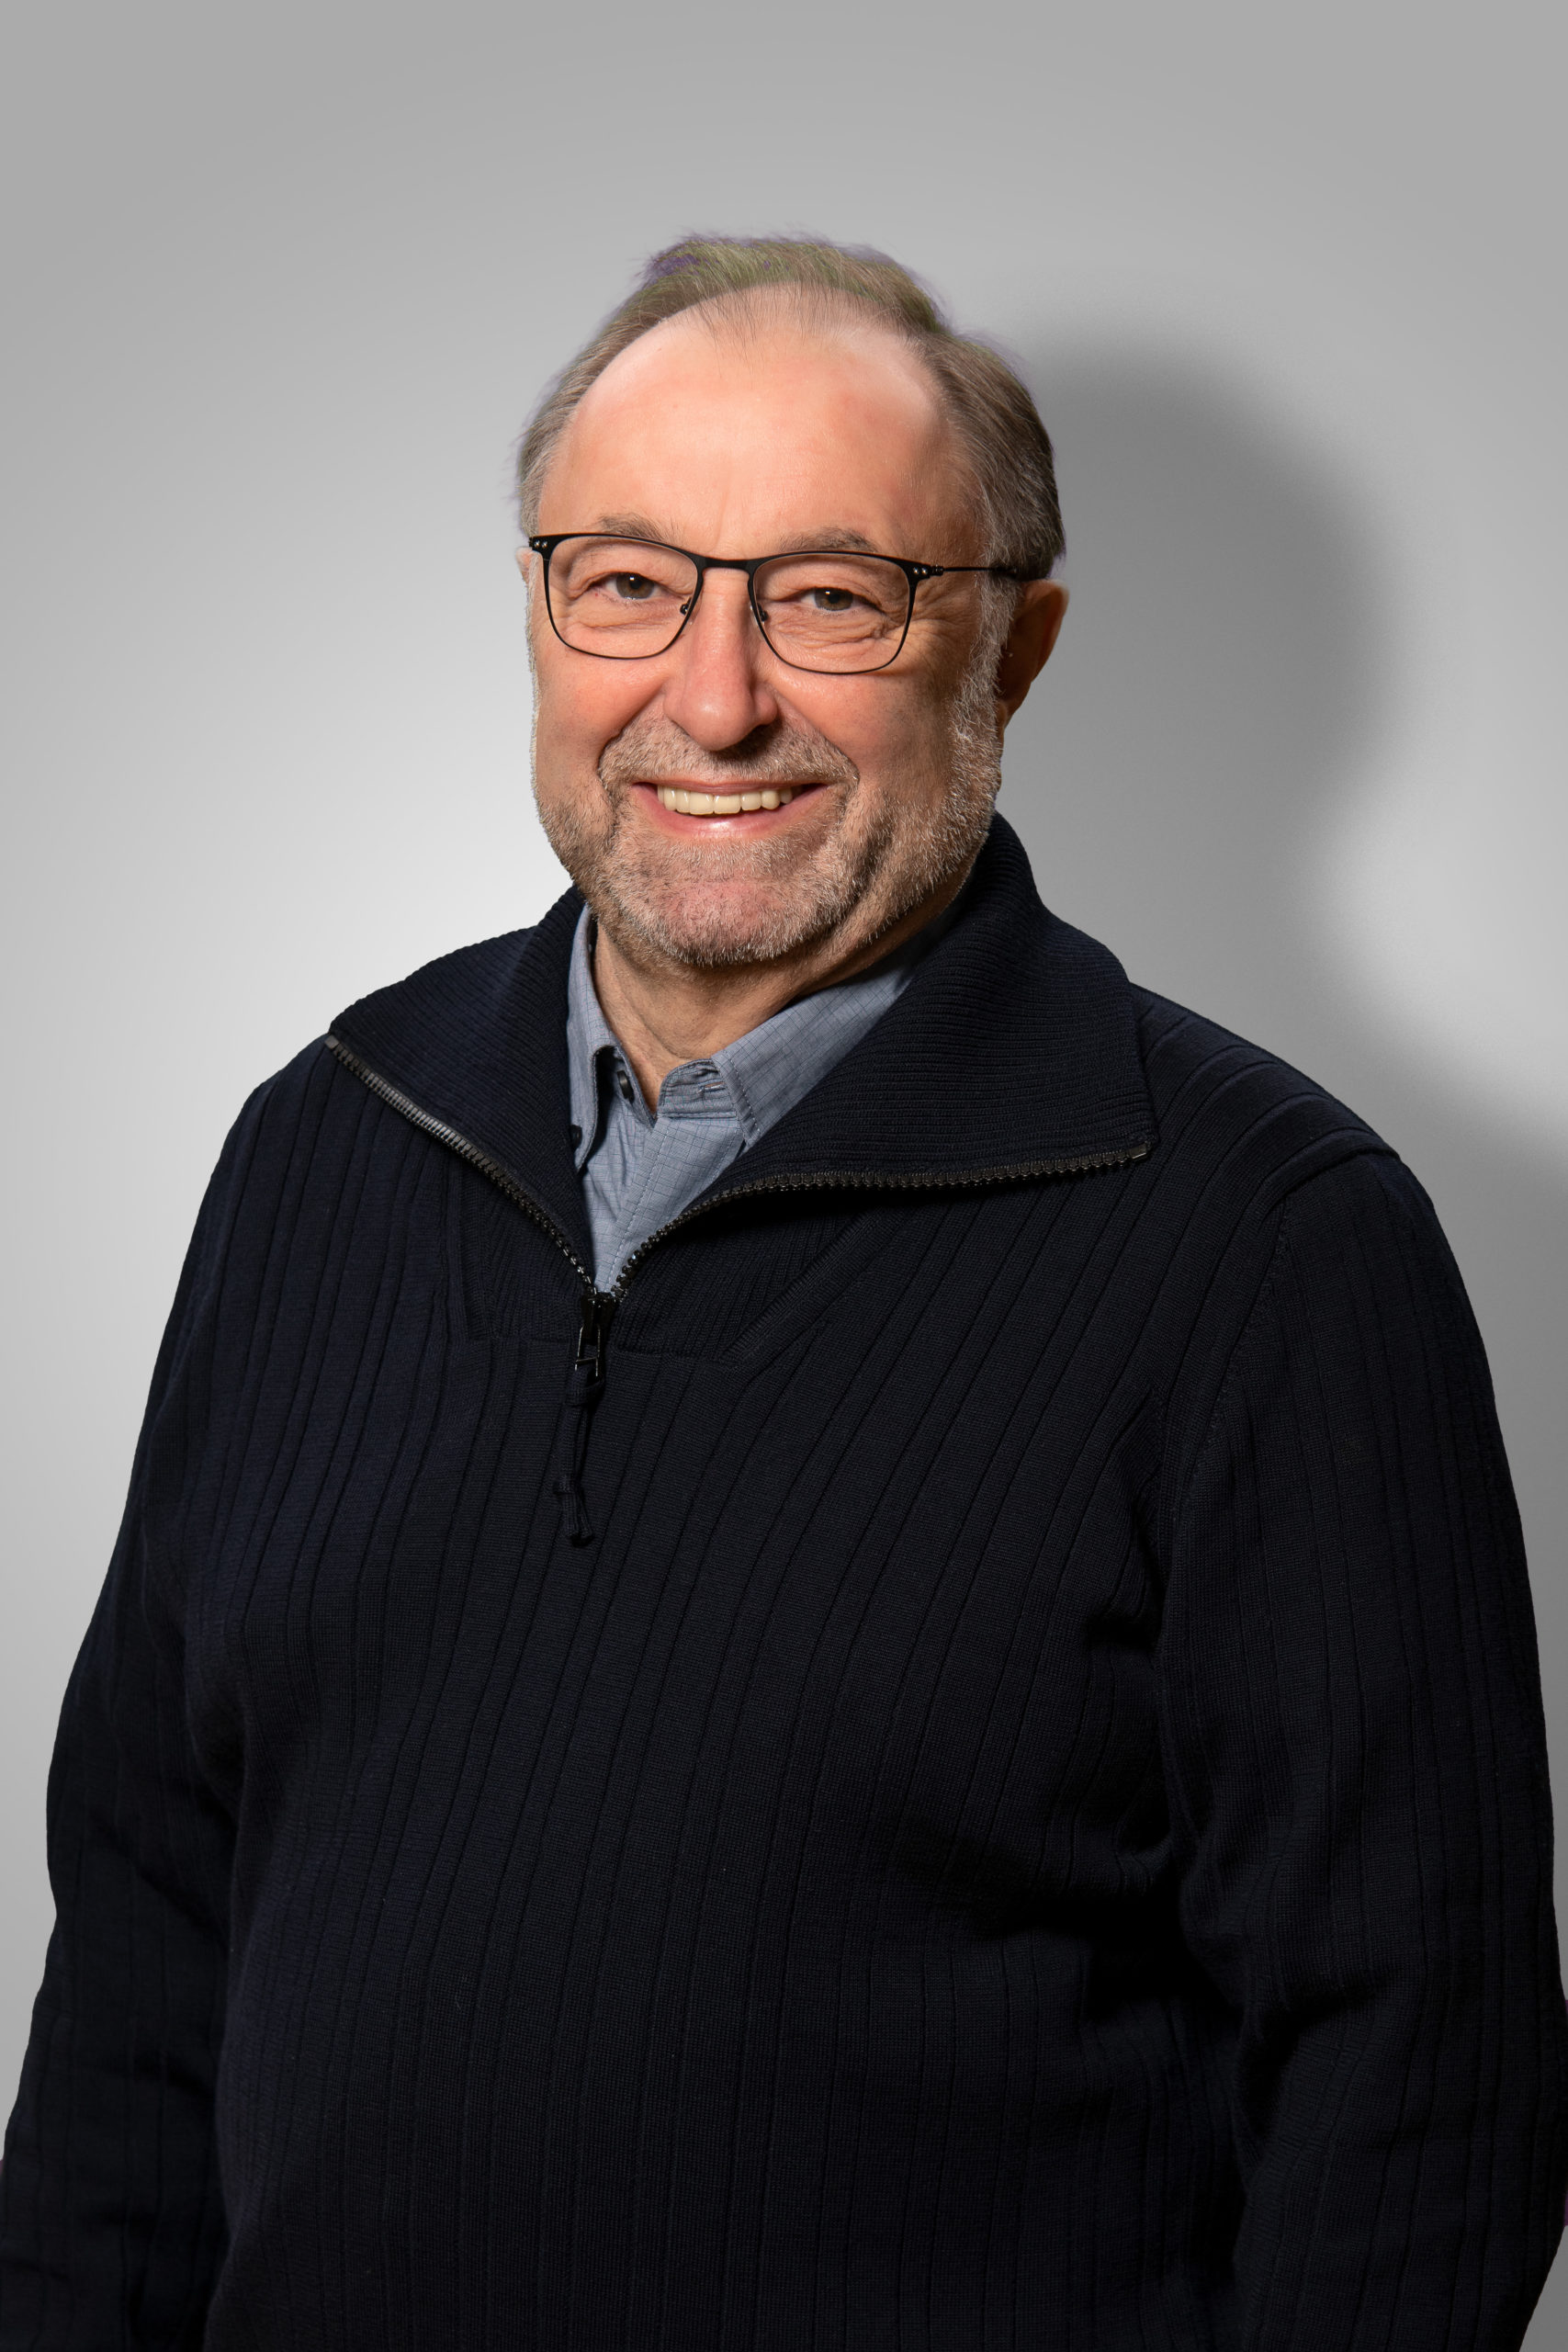 Horst Schweikard